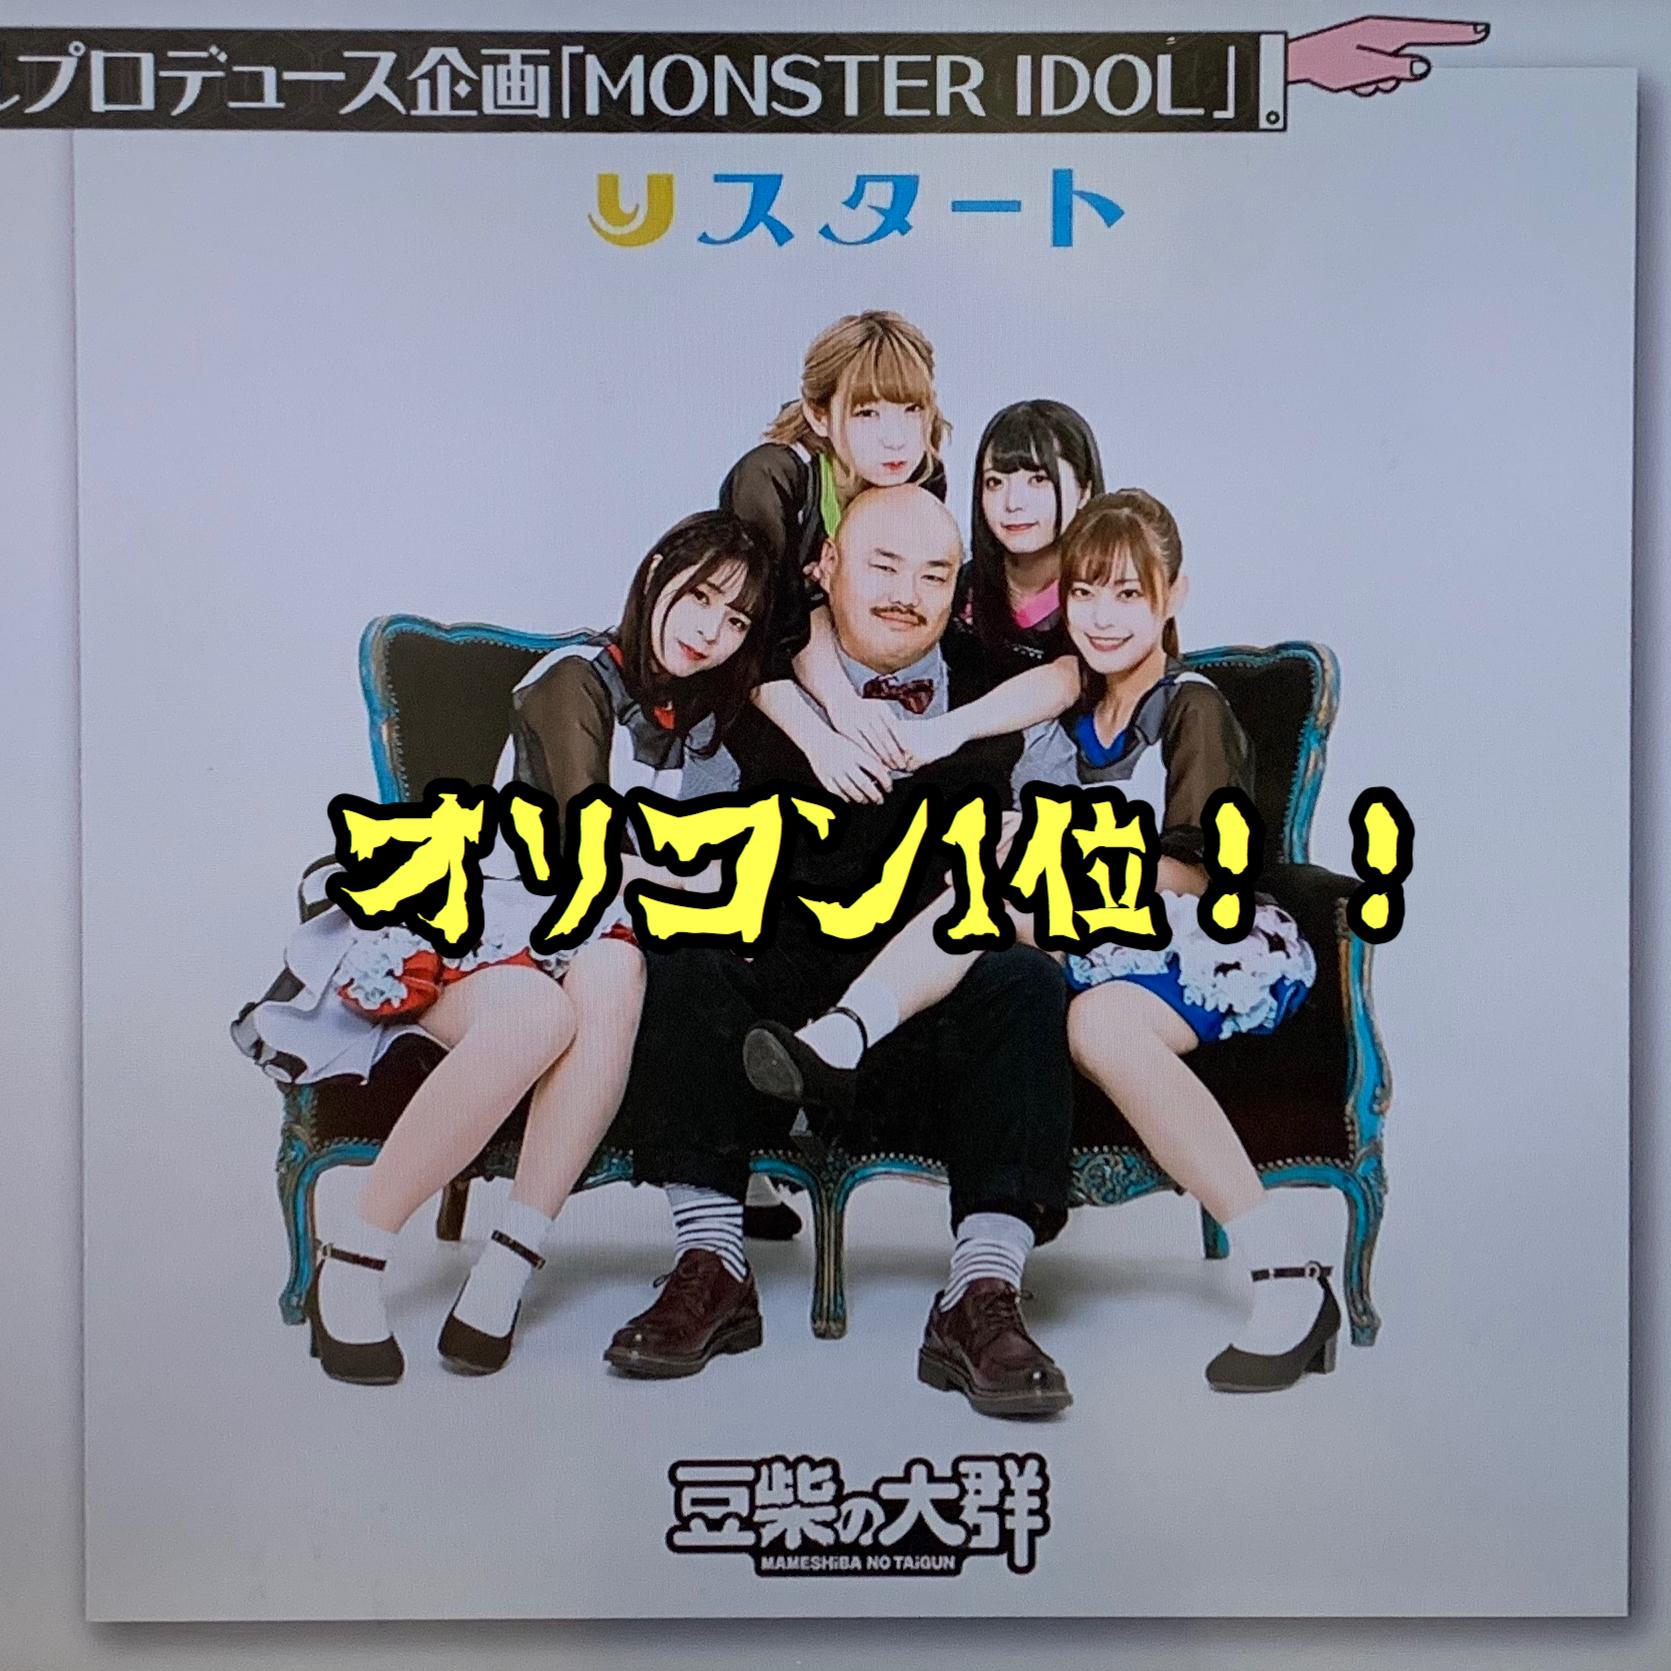 豆柴の大群のデビュー曲りスタートがオリコン1位に!!